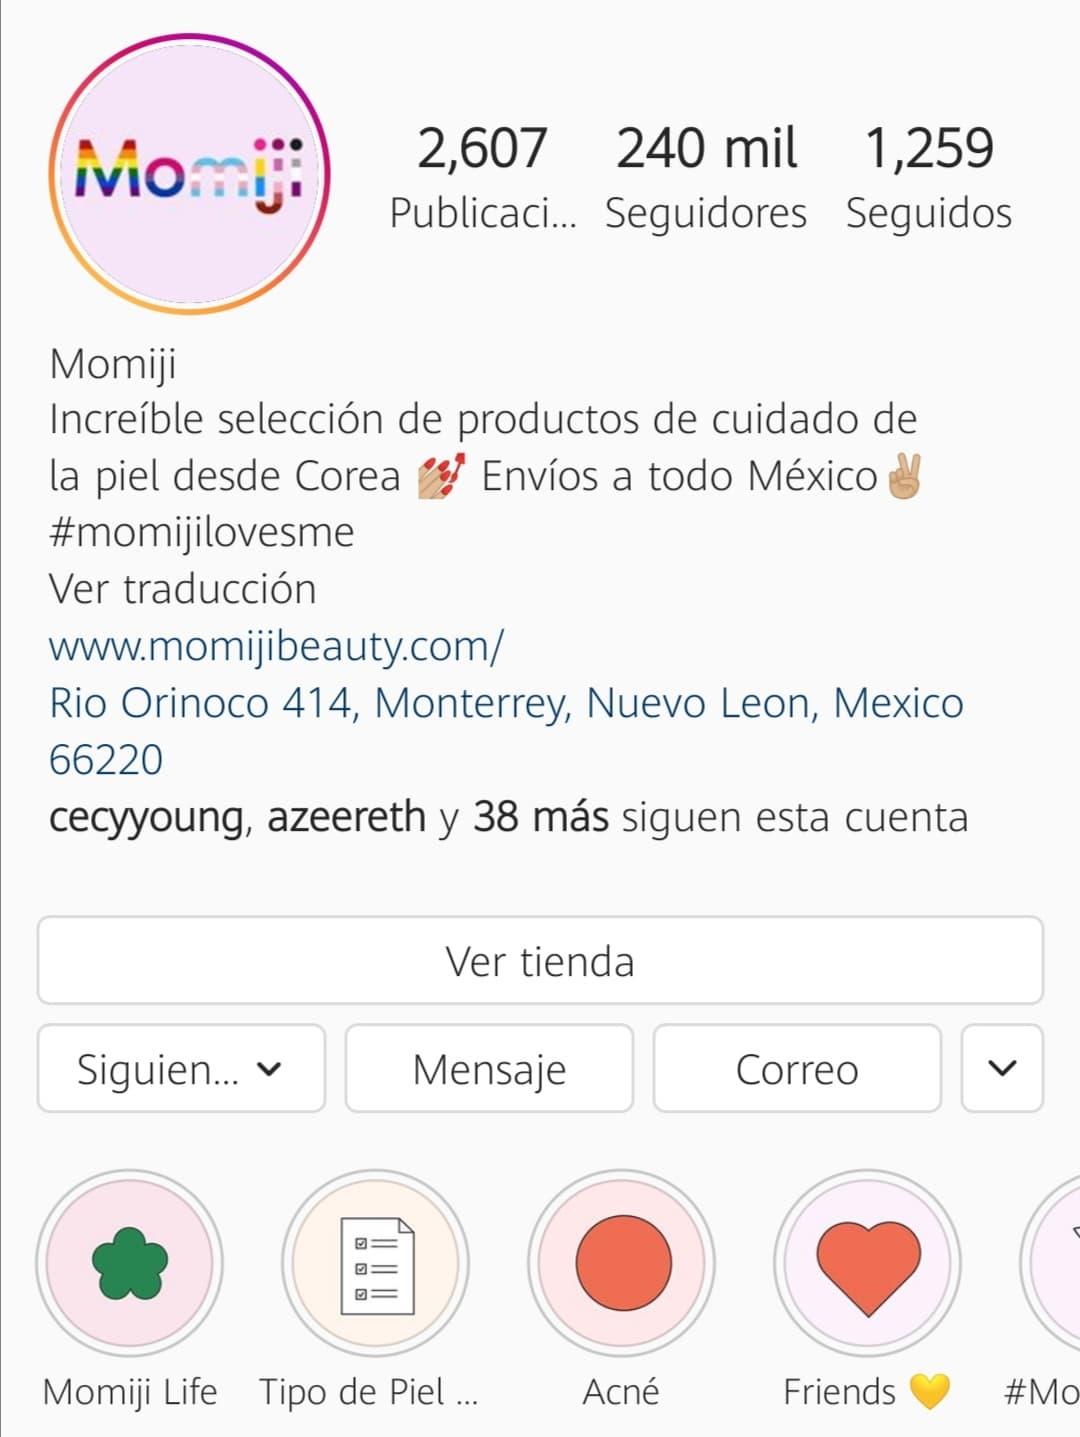 Momentos destacados en el Instagram de Momiji